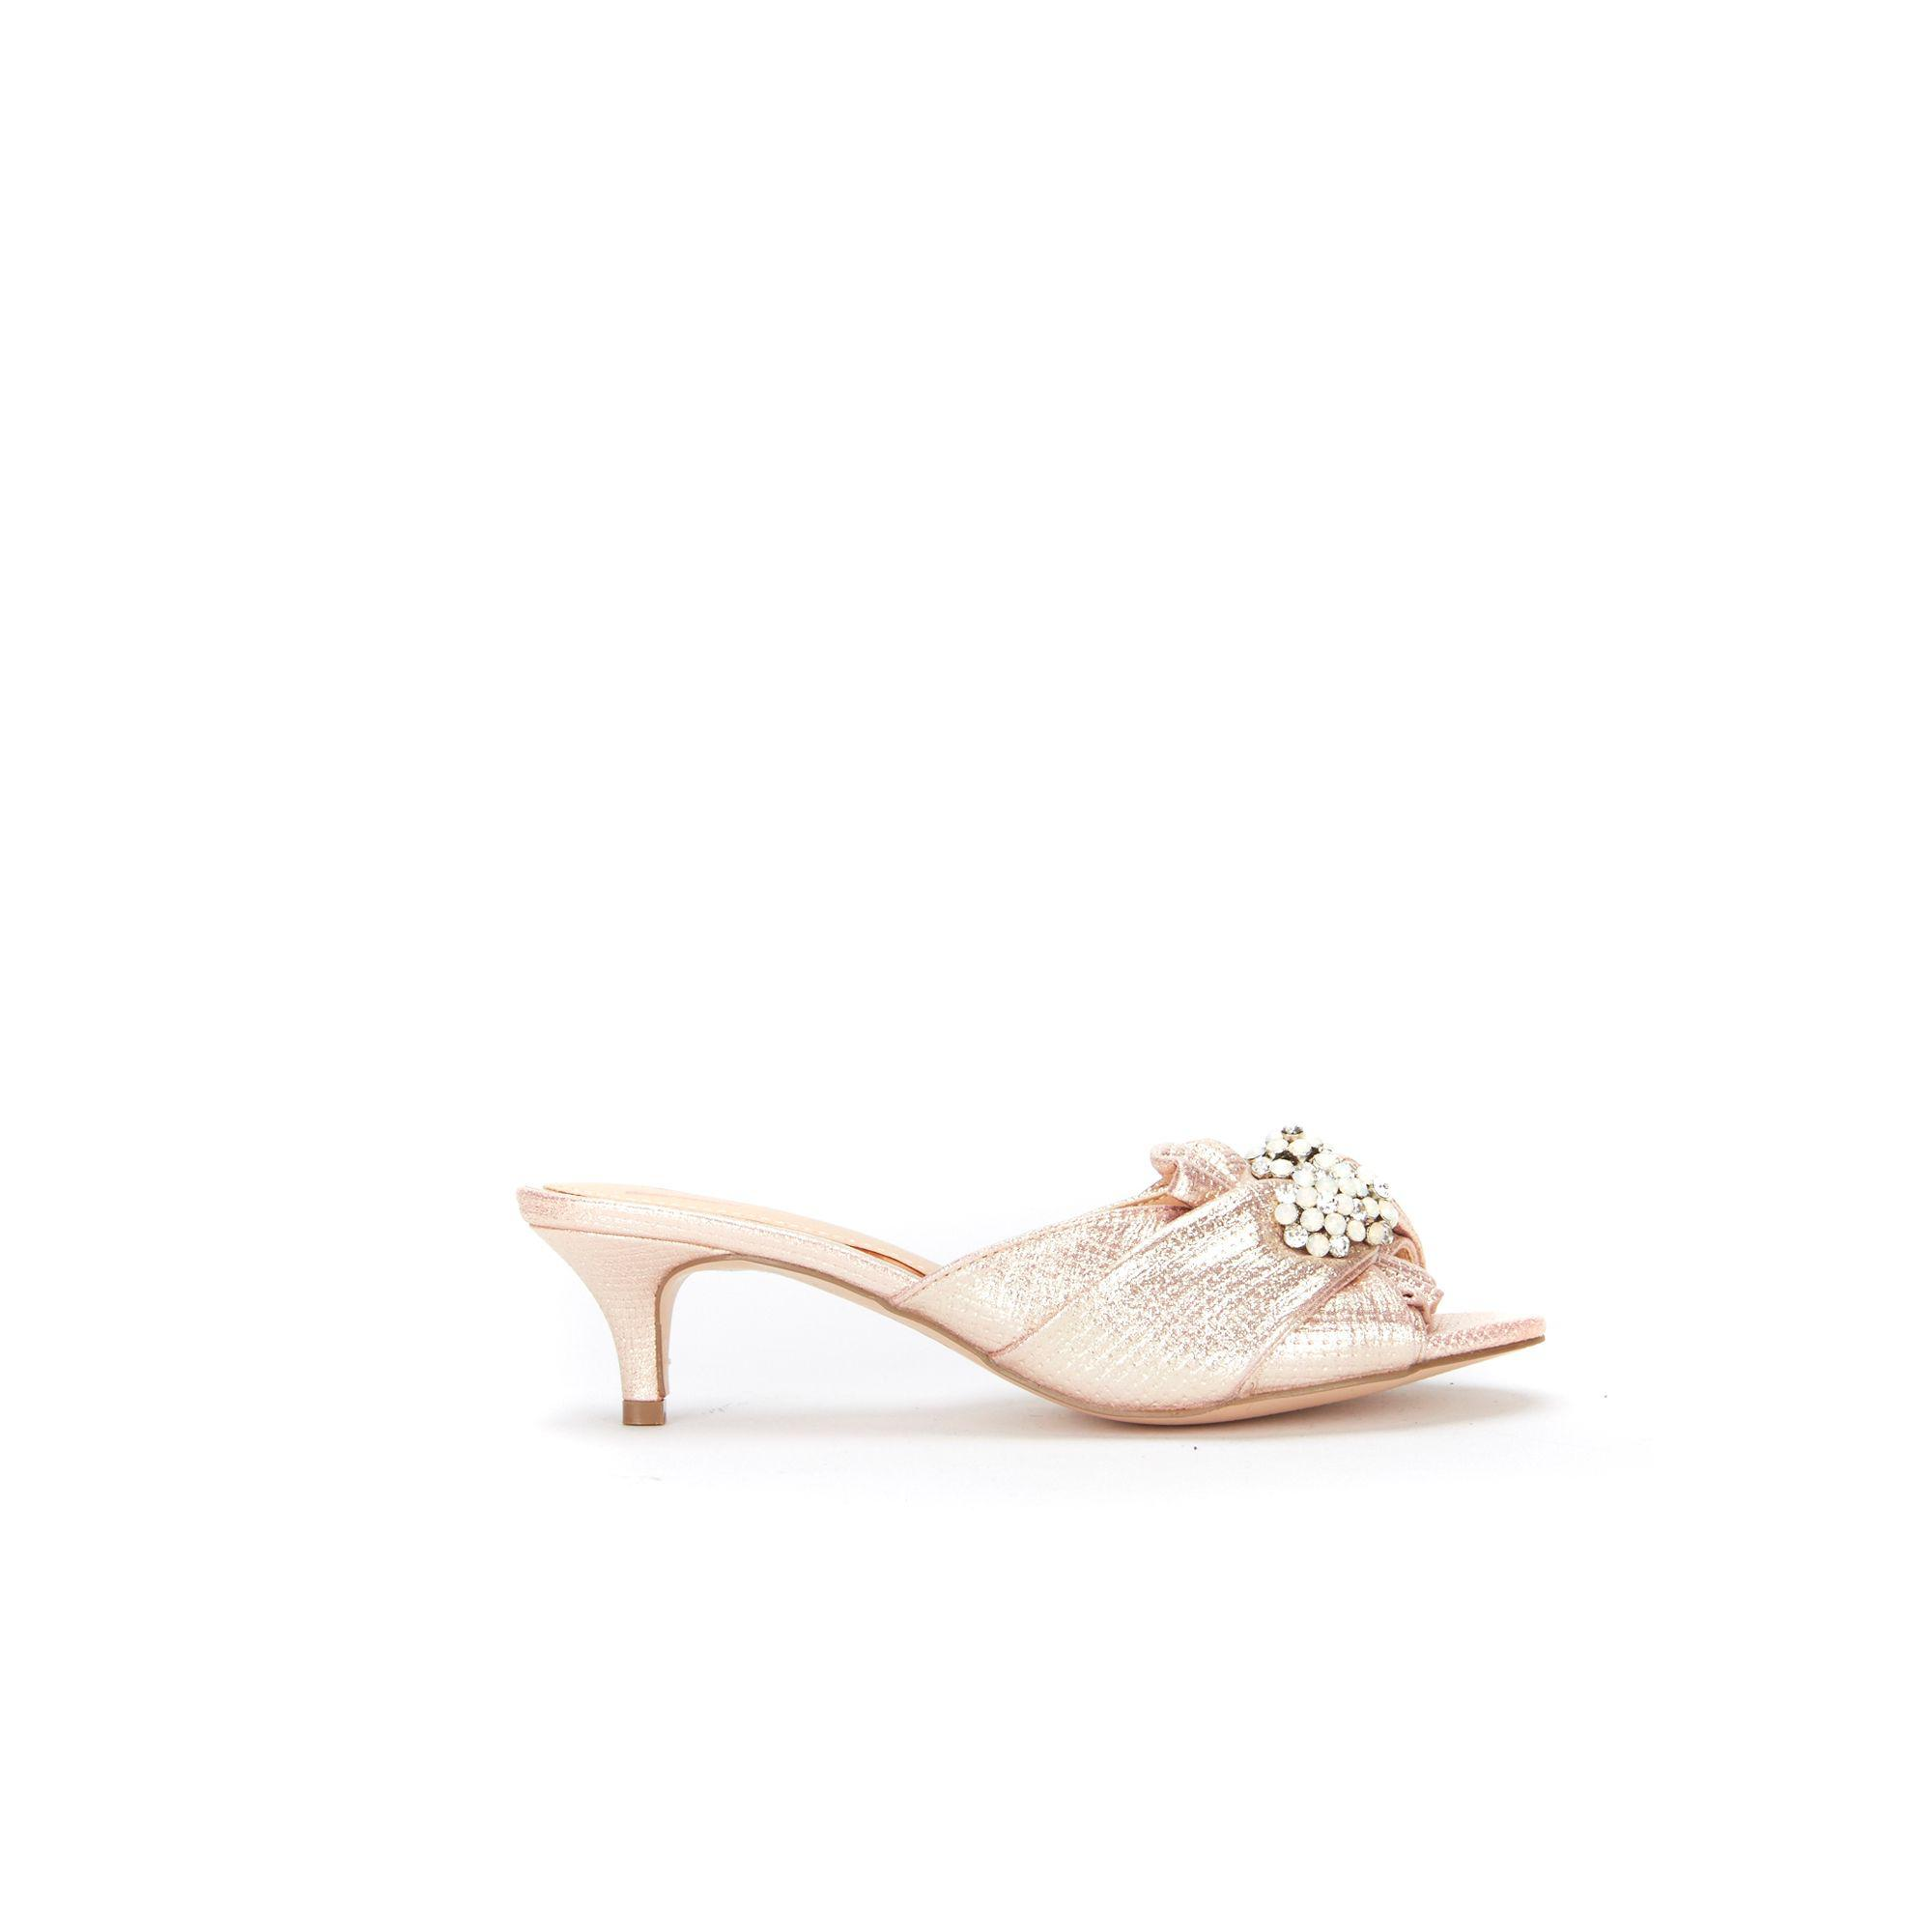 a51c127d5 Wallis Pale Pink Kitten Heel Mule With Jewel Trim in Pink - Lyst